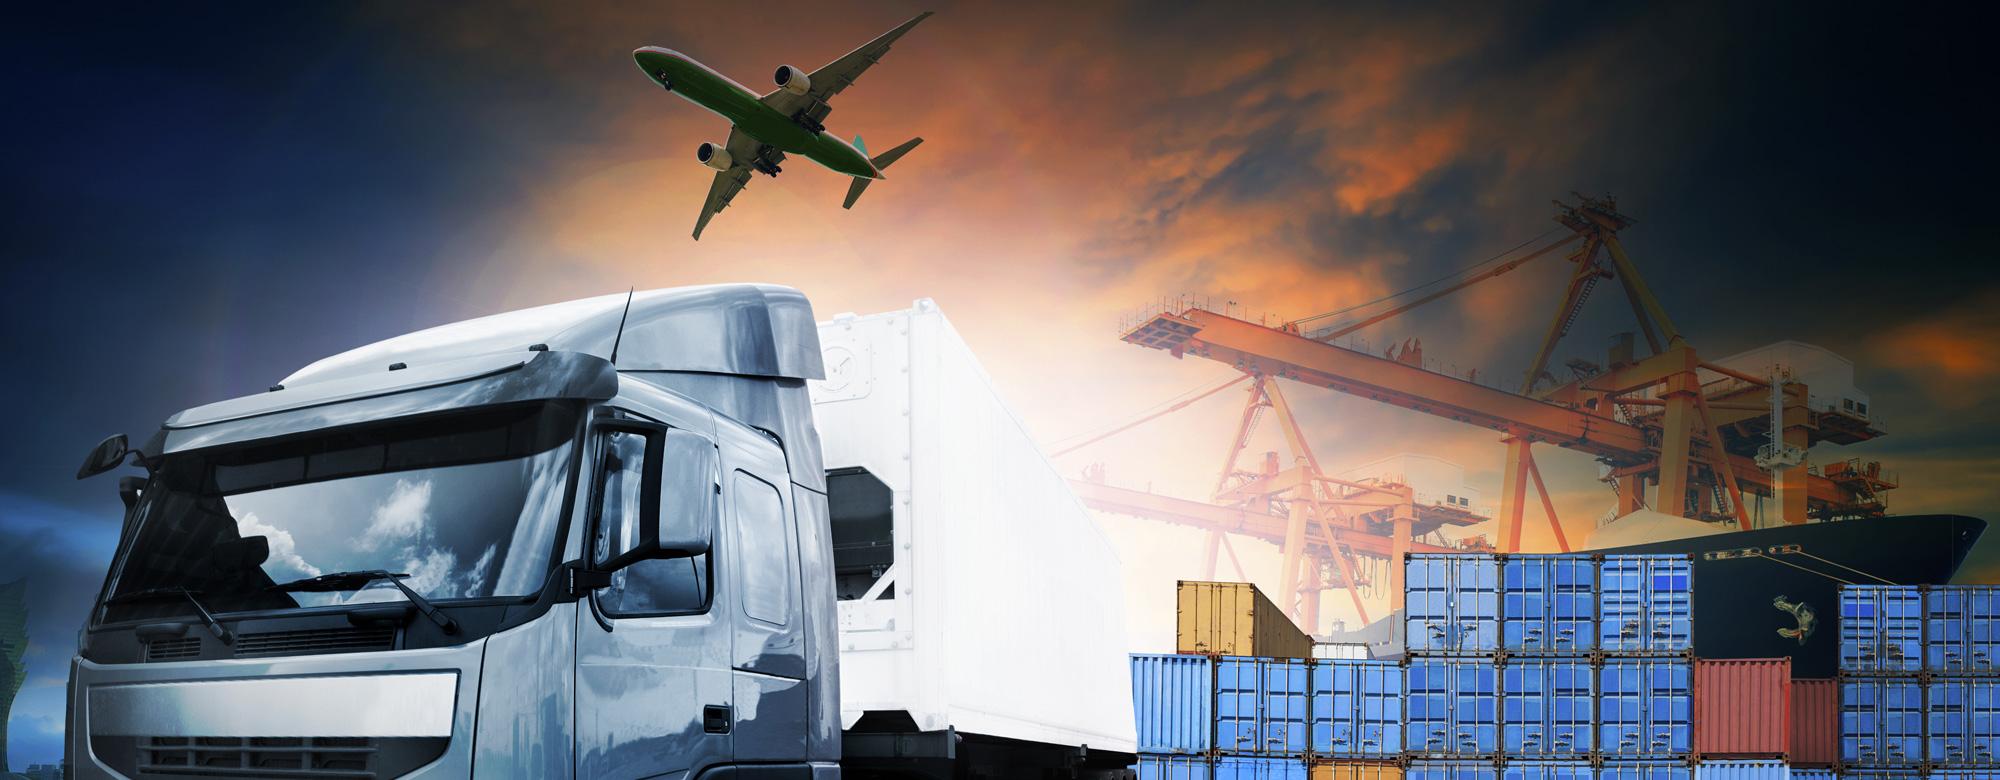 Trasporti, logistica e infrastrutture